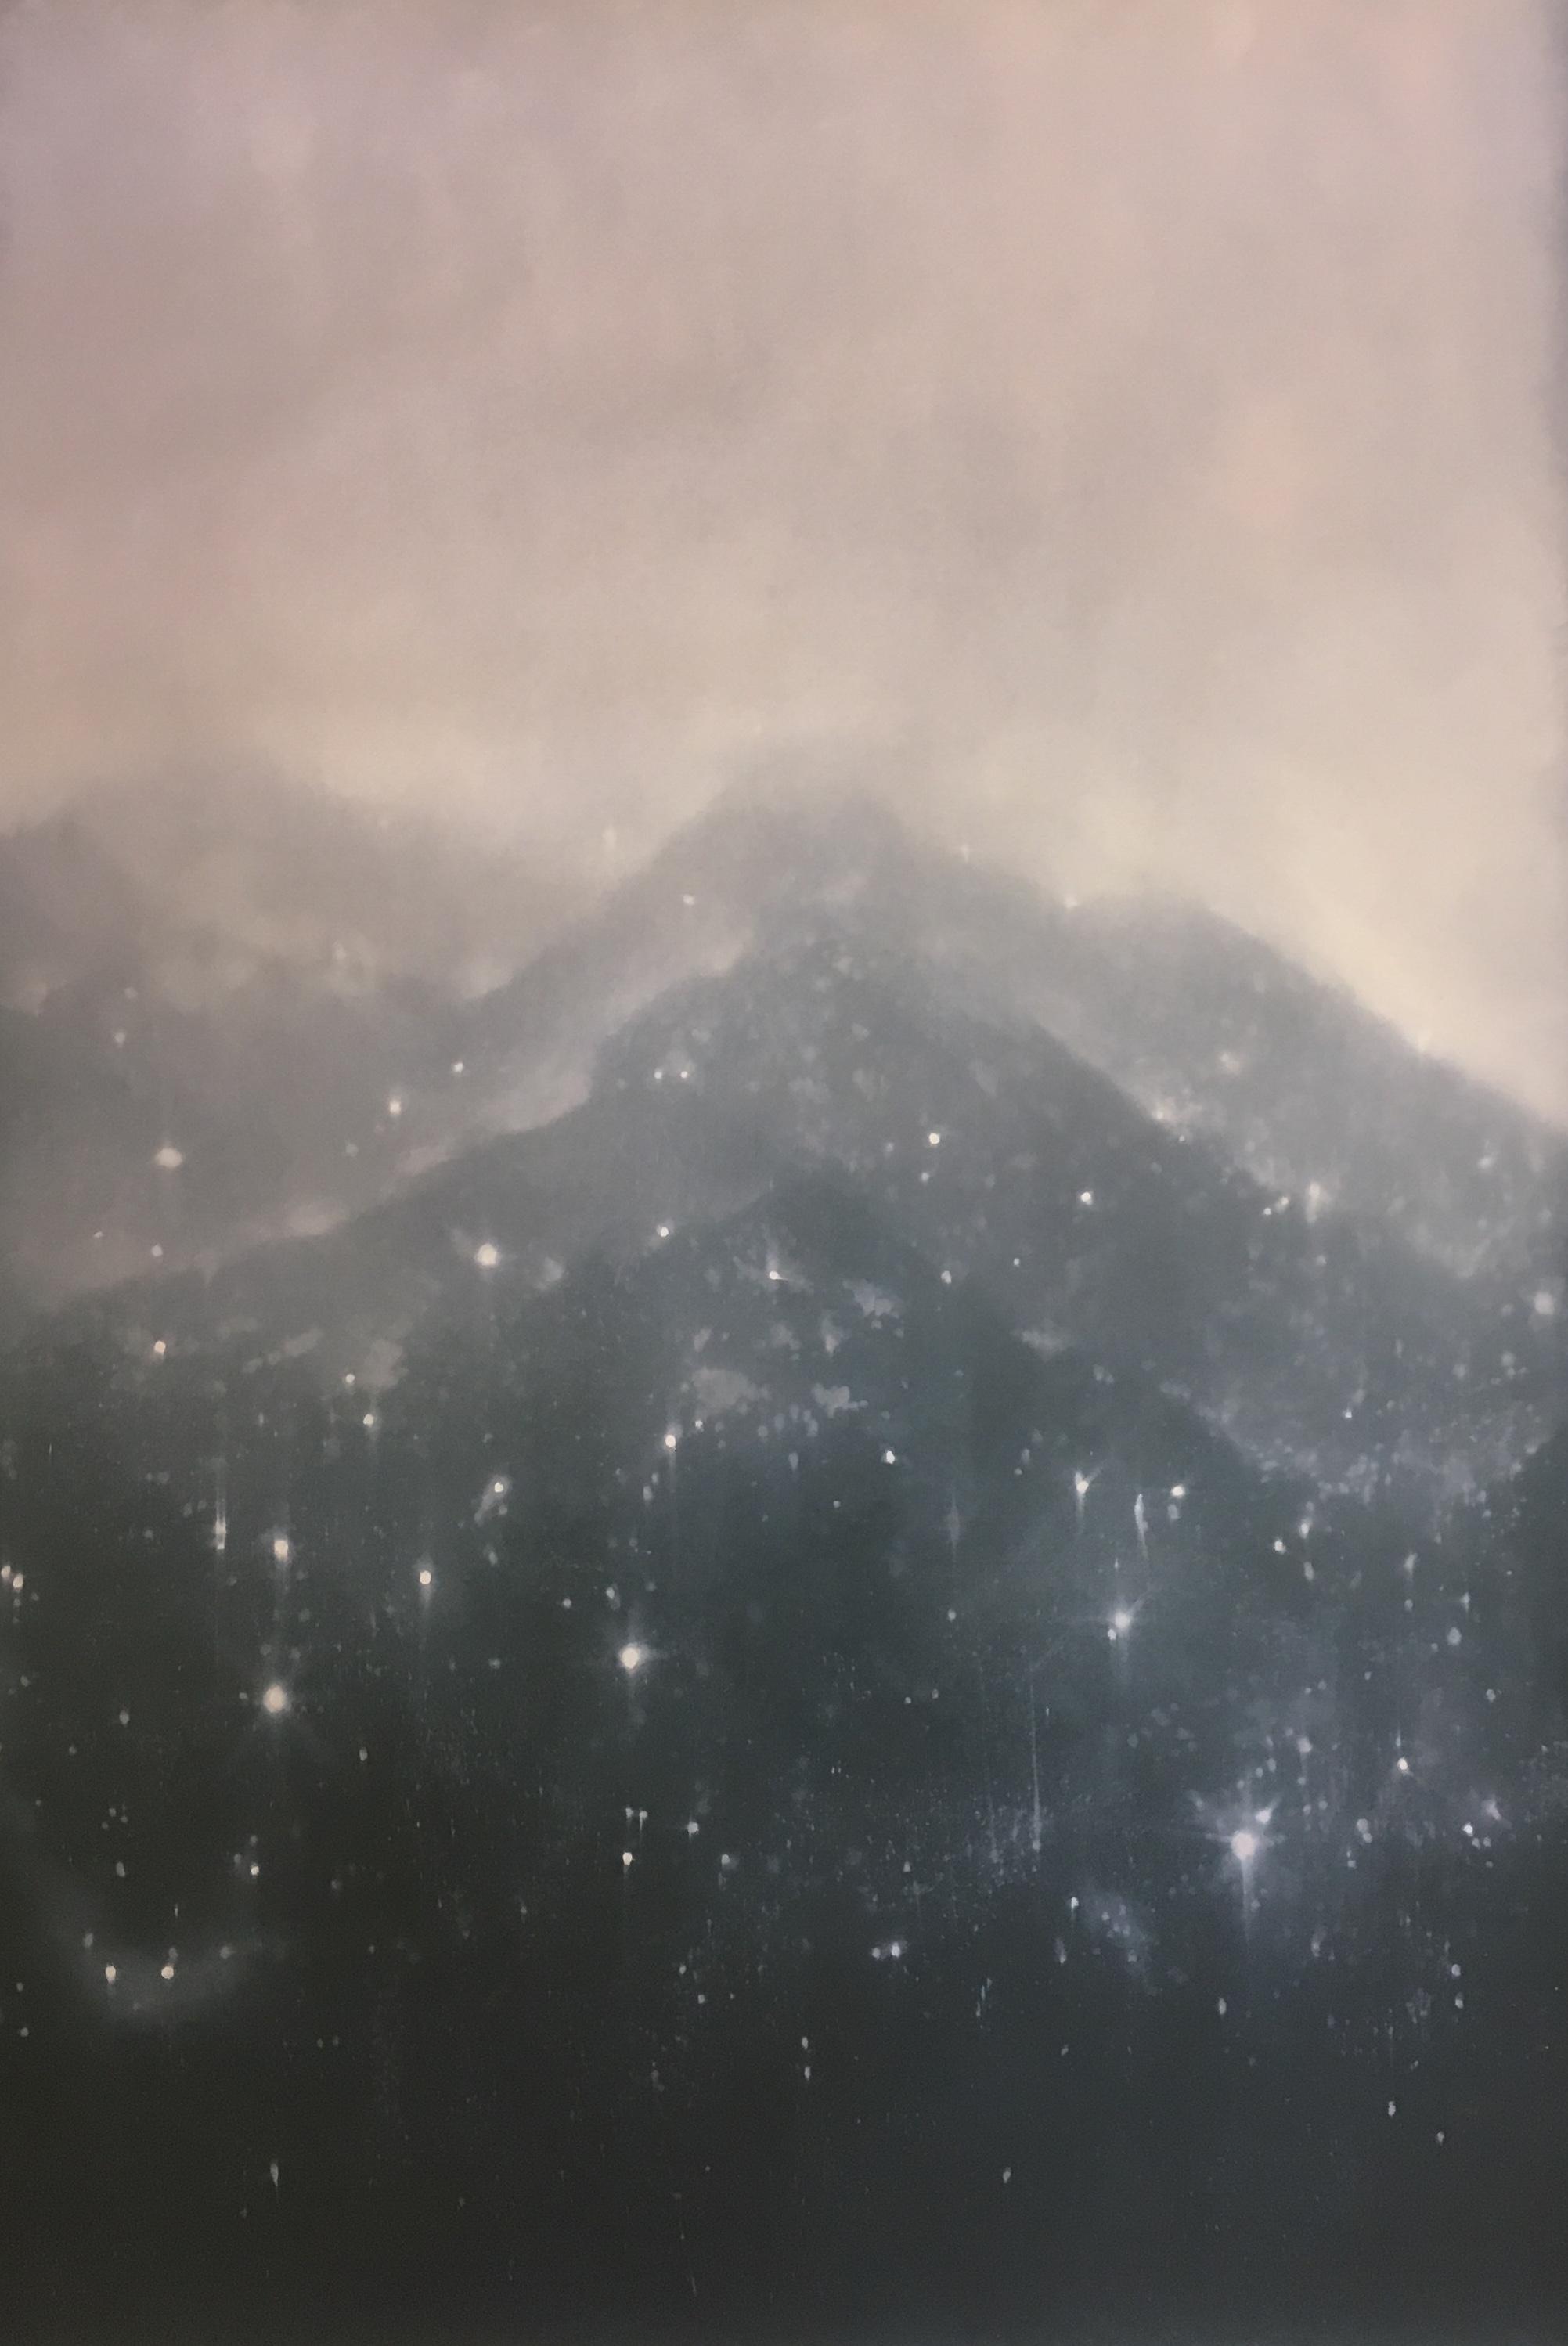 Snow  2018  Oil on carborundum; 125 x 90 cm